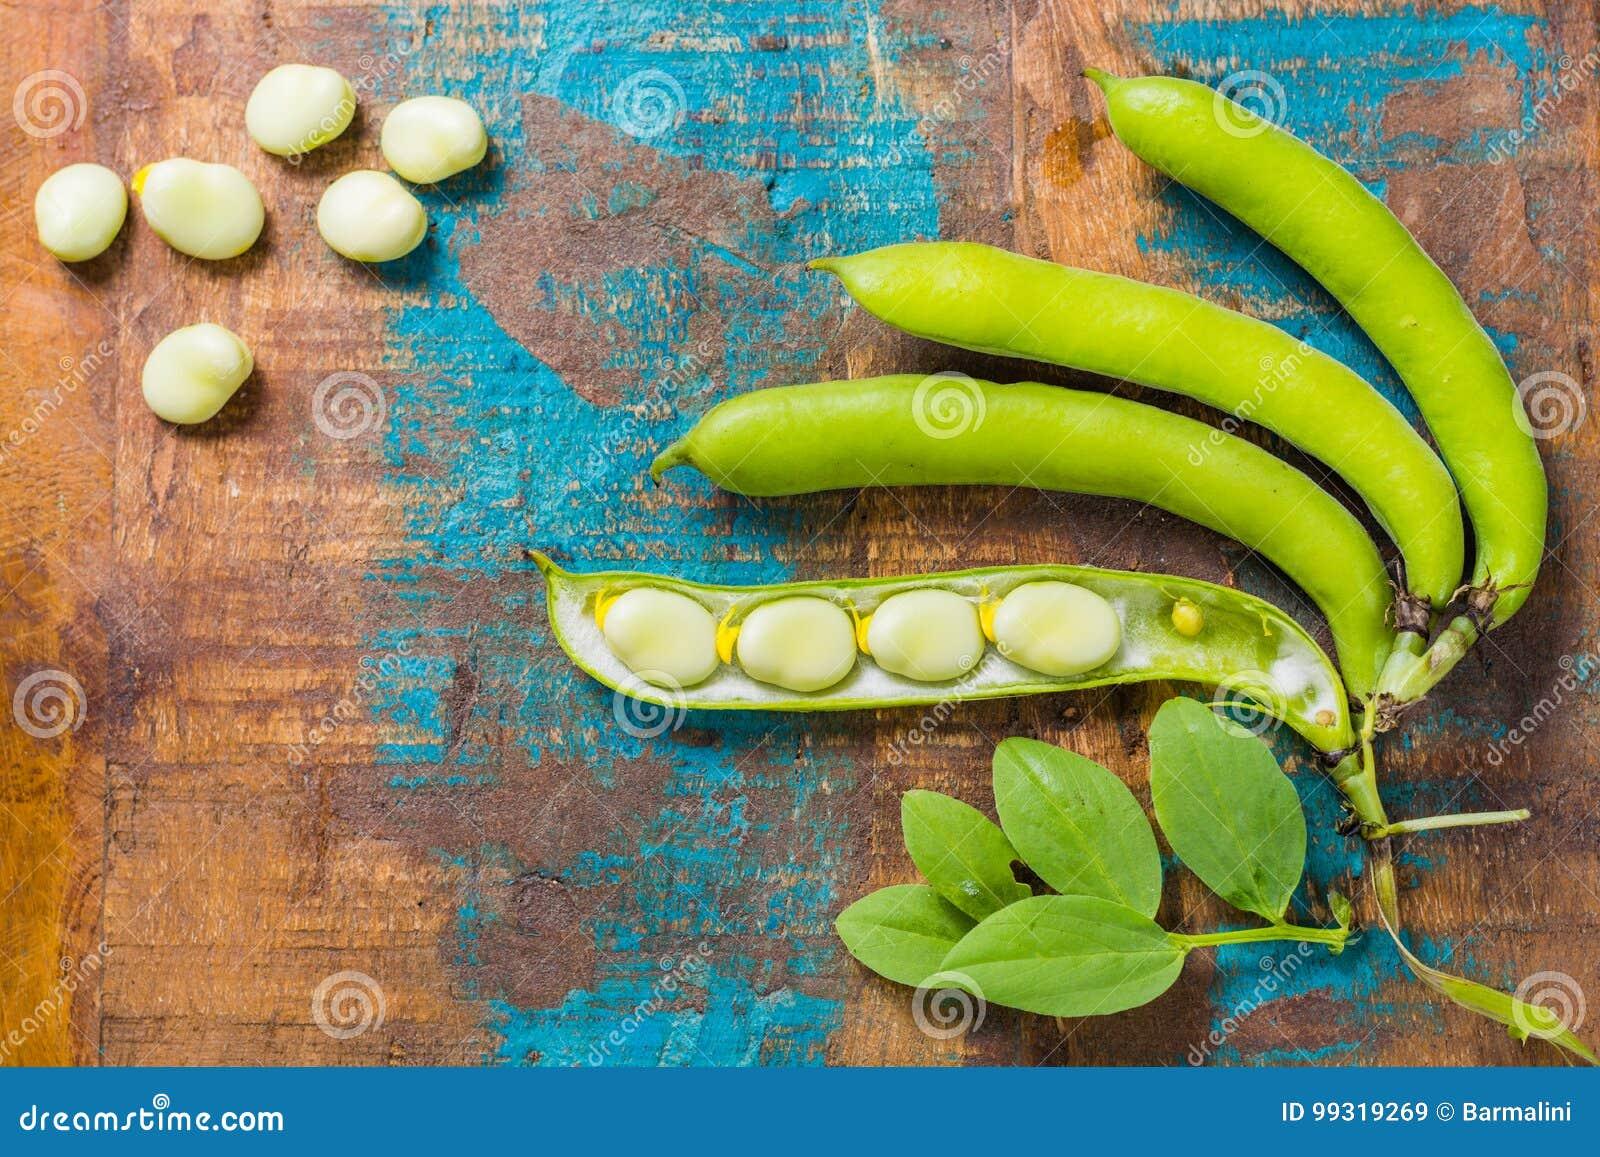 Gesunde frische Hülsenfrüchte, neue Ernte auf breiten weißen Bohnen aus Lima